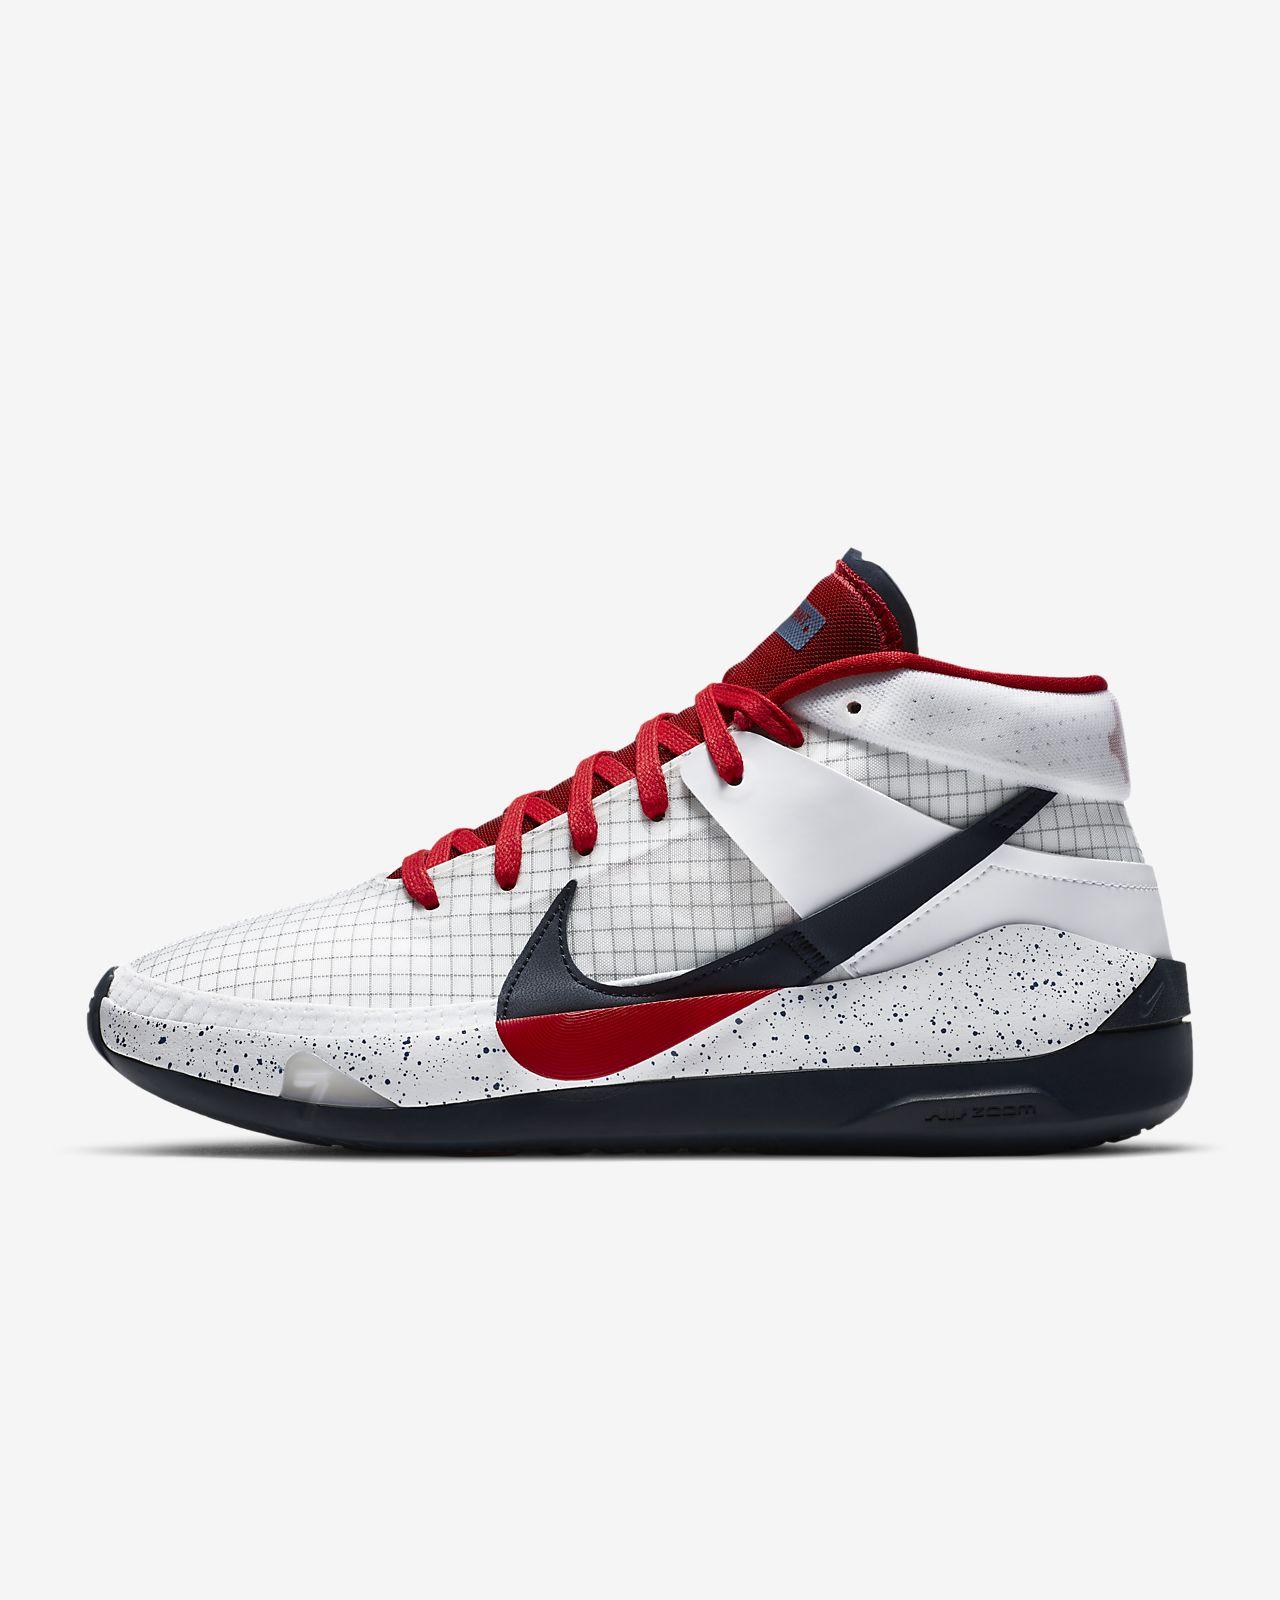 KD13 Basketball Shoe